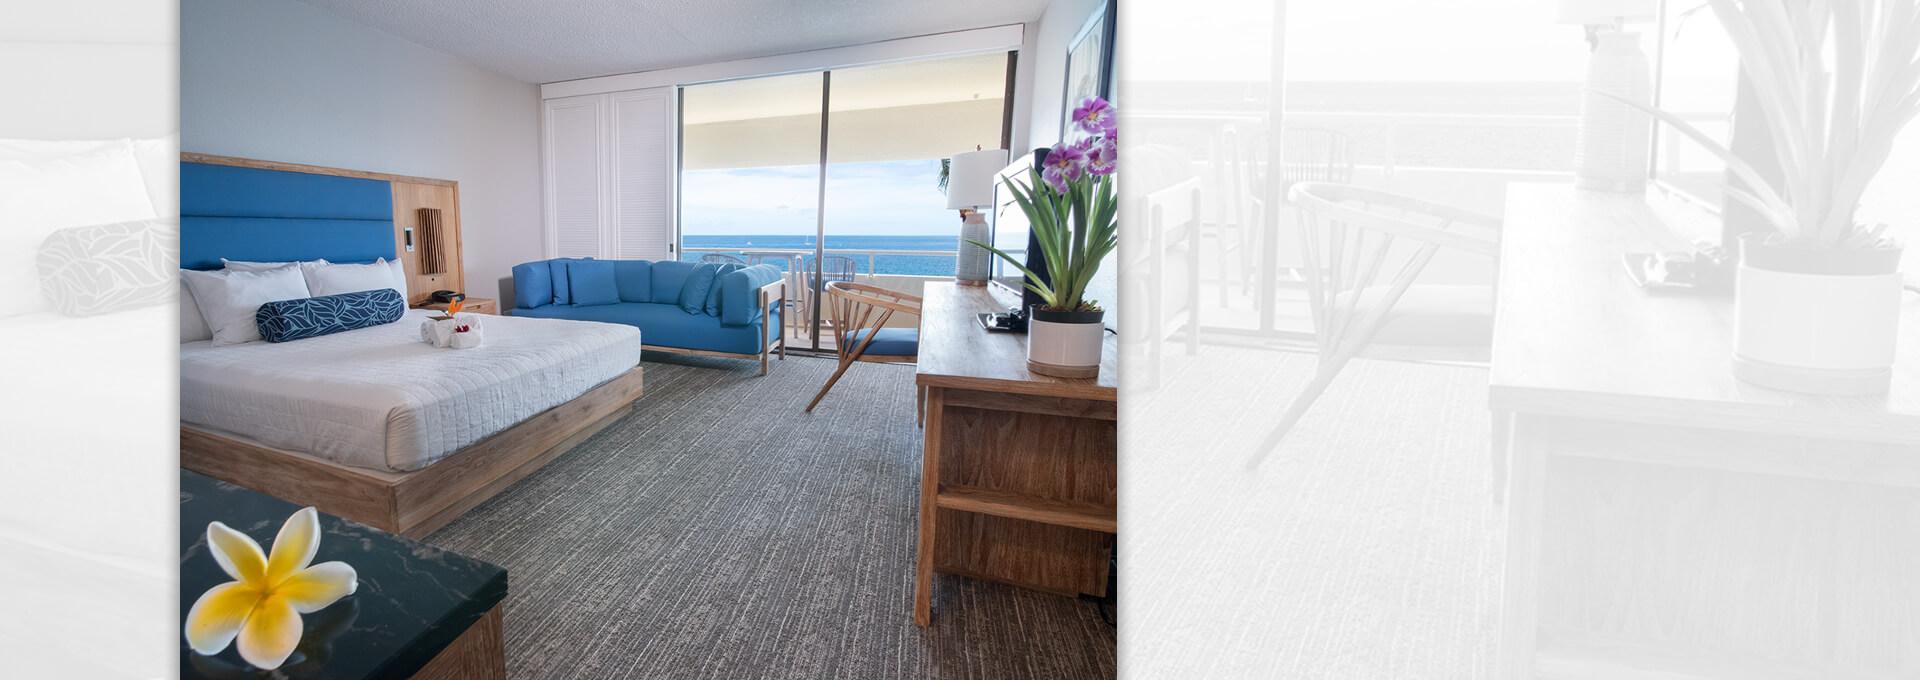 royal kona resort ocean view room